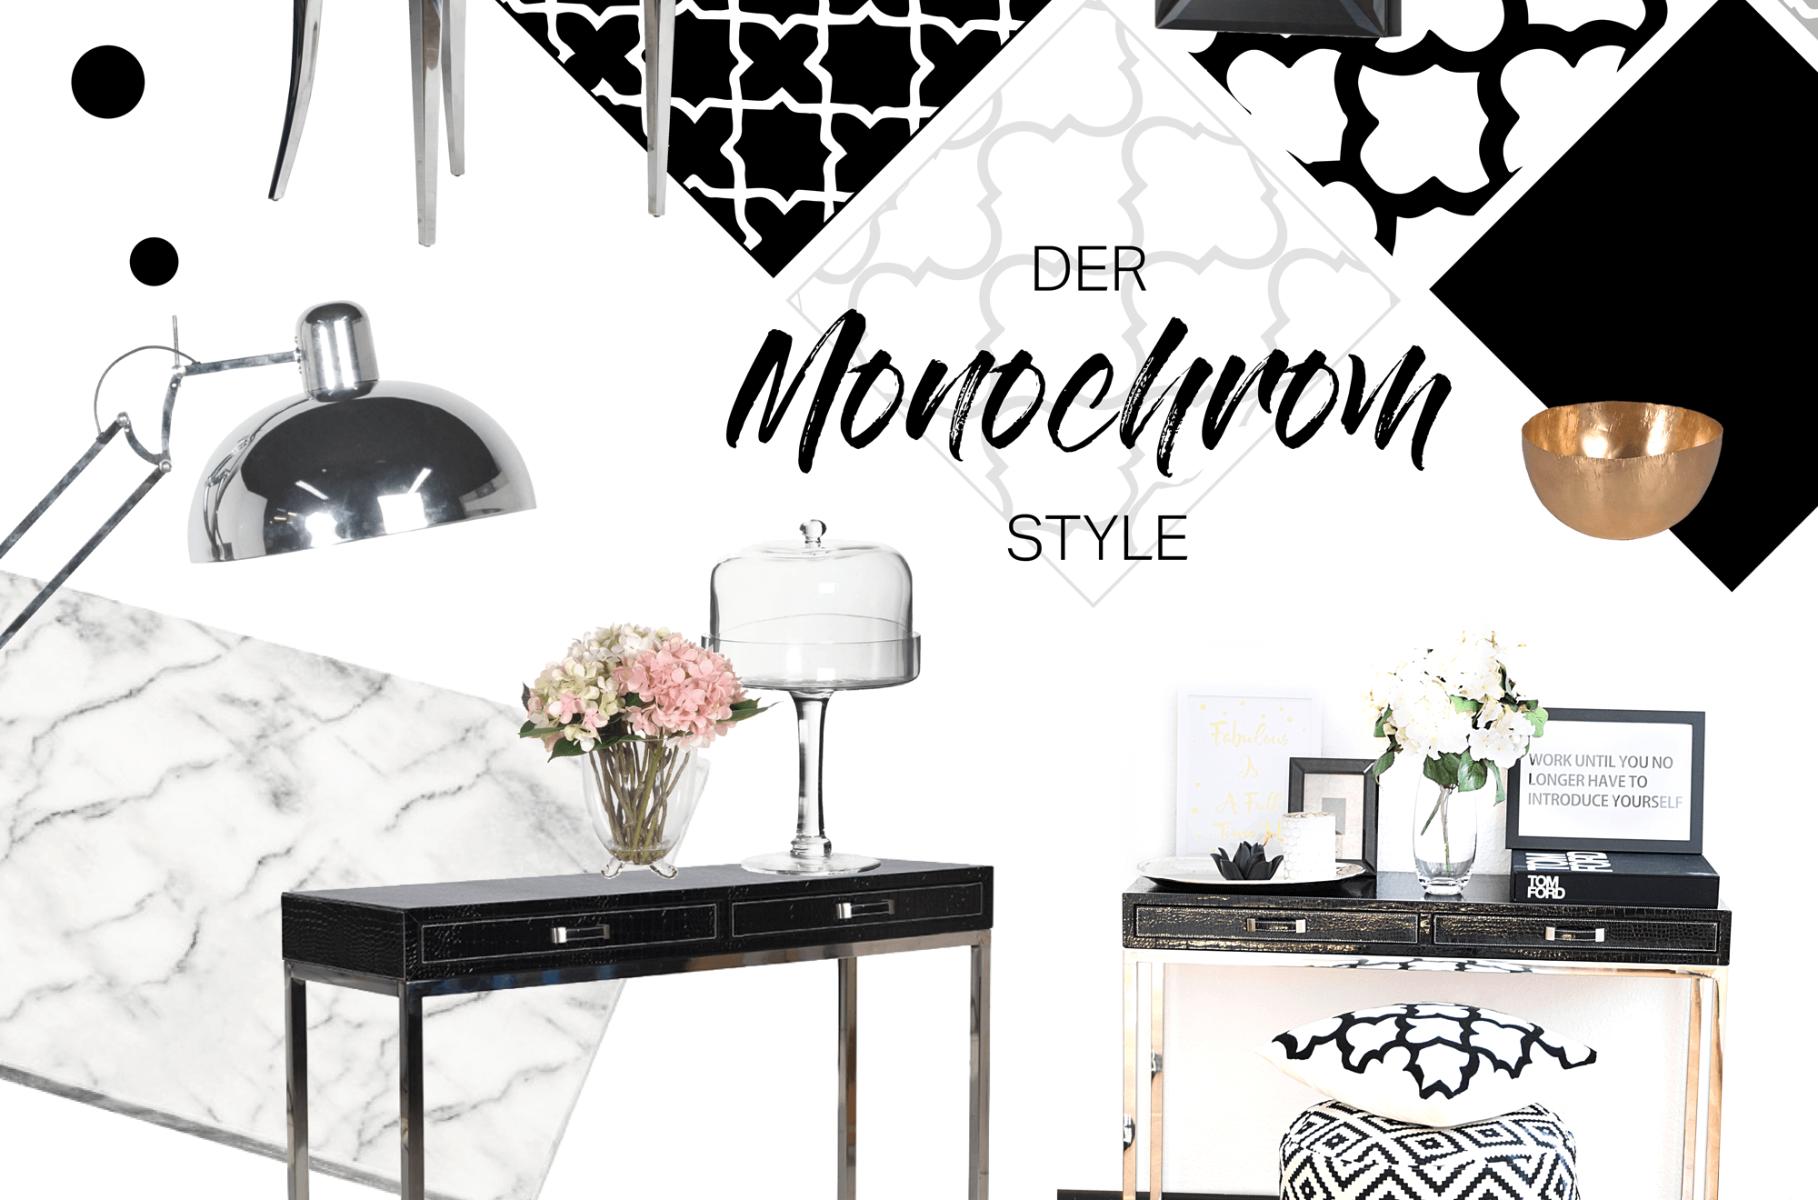 monochrom-style-eintoenig-schwarz-weiss